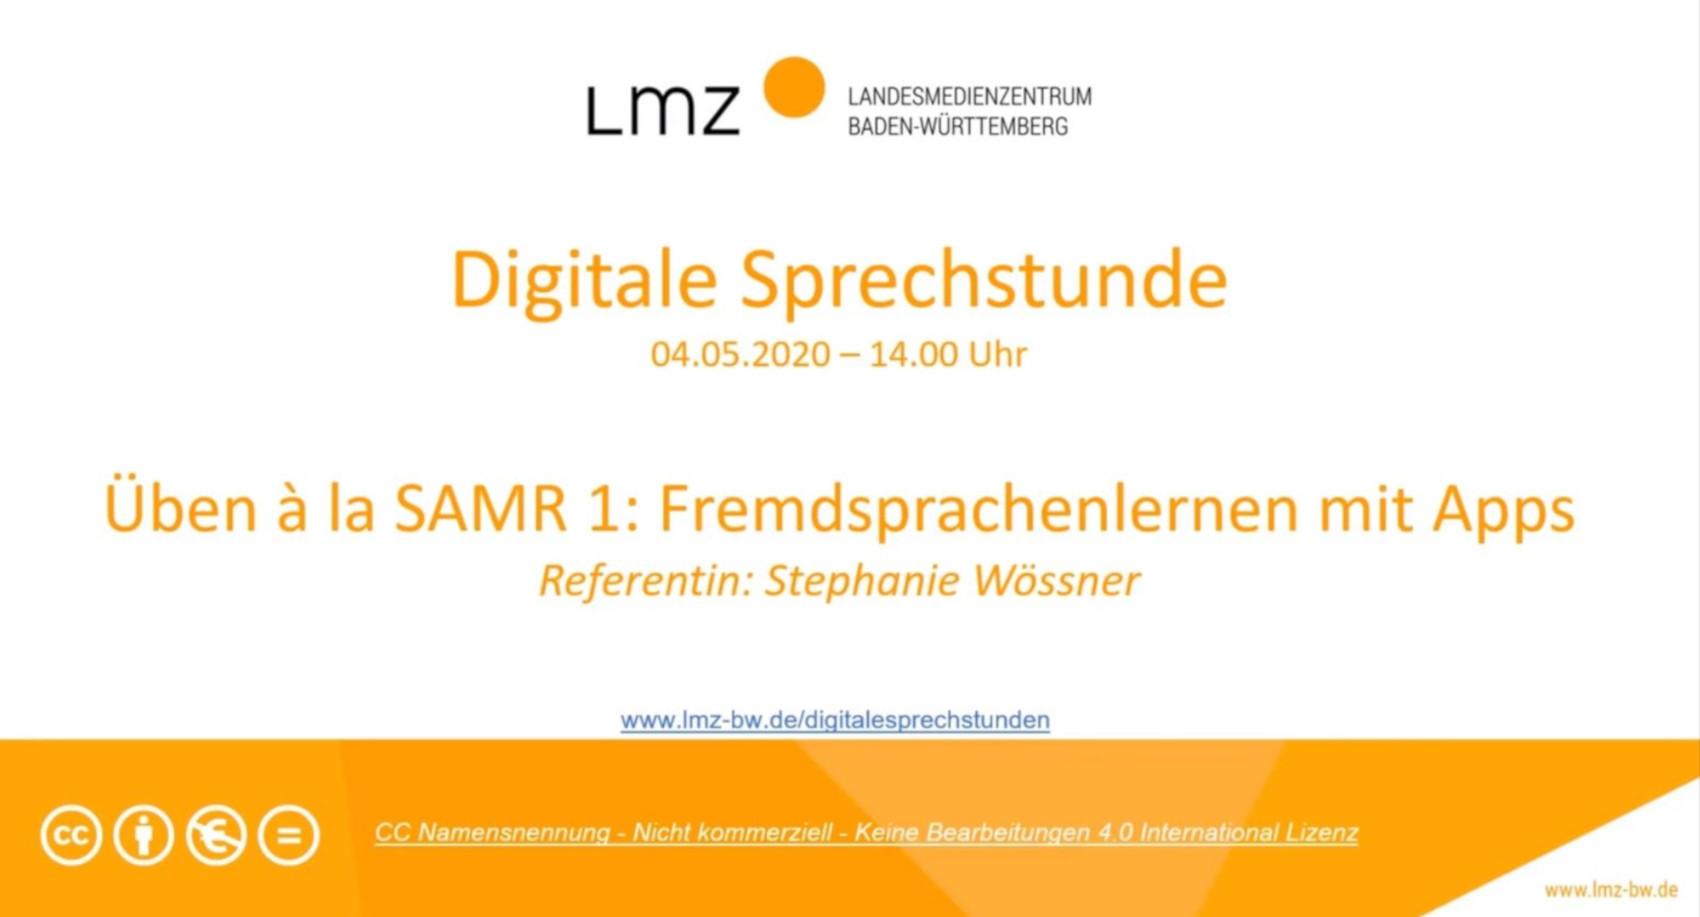 Üben à la SAMR (1): Fremdsprachenlernen mit Apps